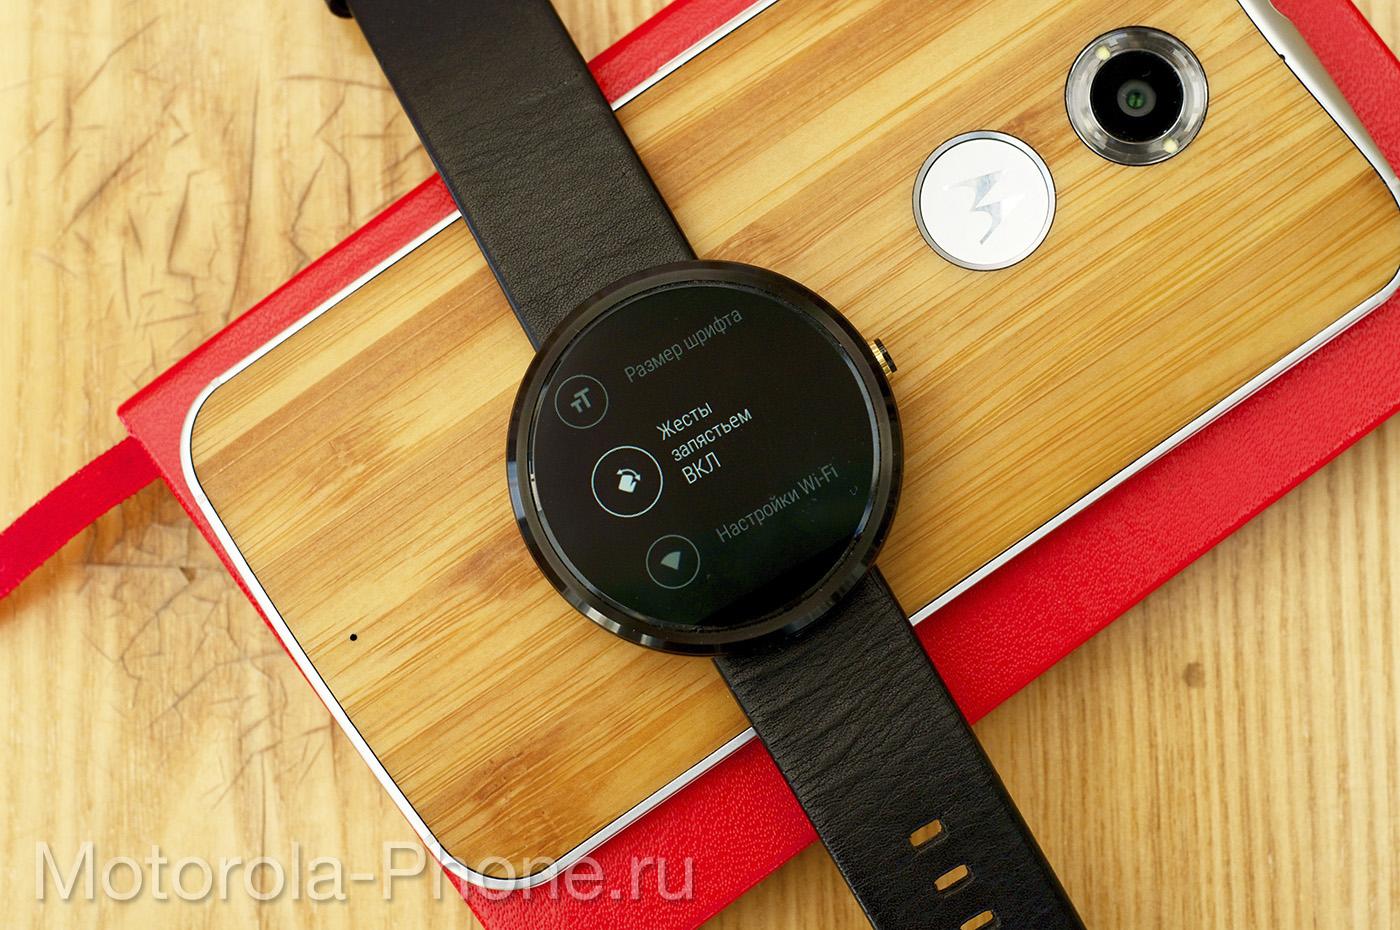 Motorola-Moto-360-Android-Wear-5-1-09 copy